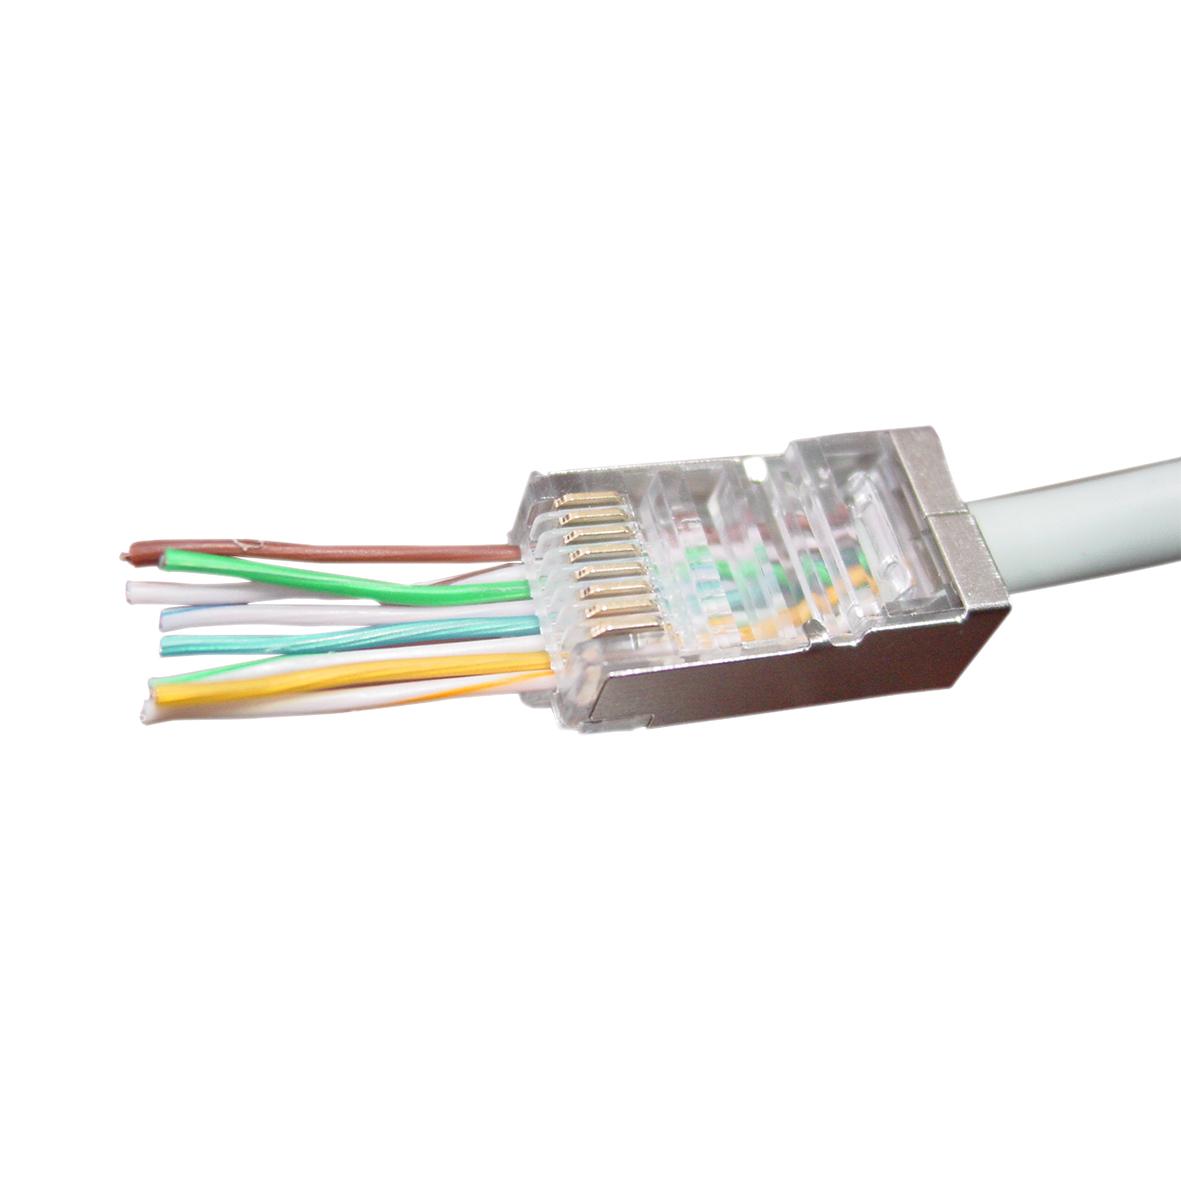 Modulaire FTP RJ45 stekker met doorsteekmontage, 100 stuks per zakje